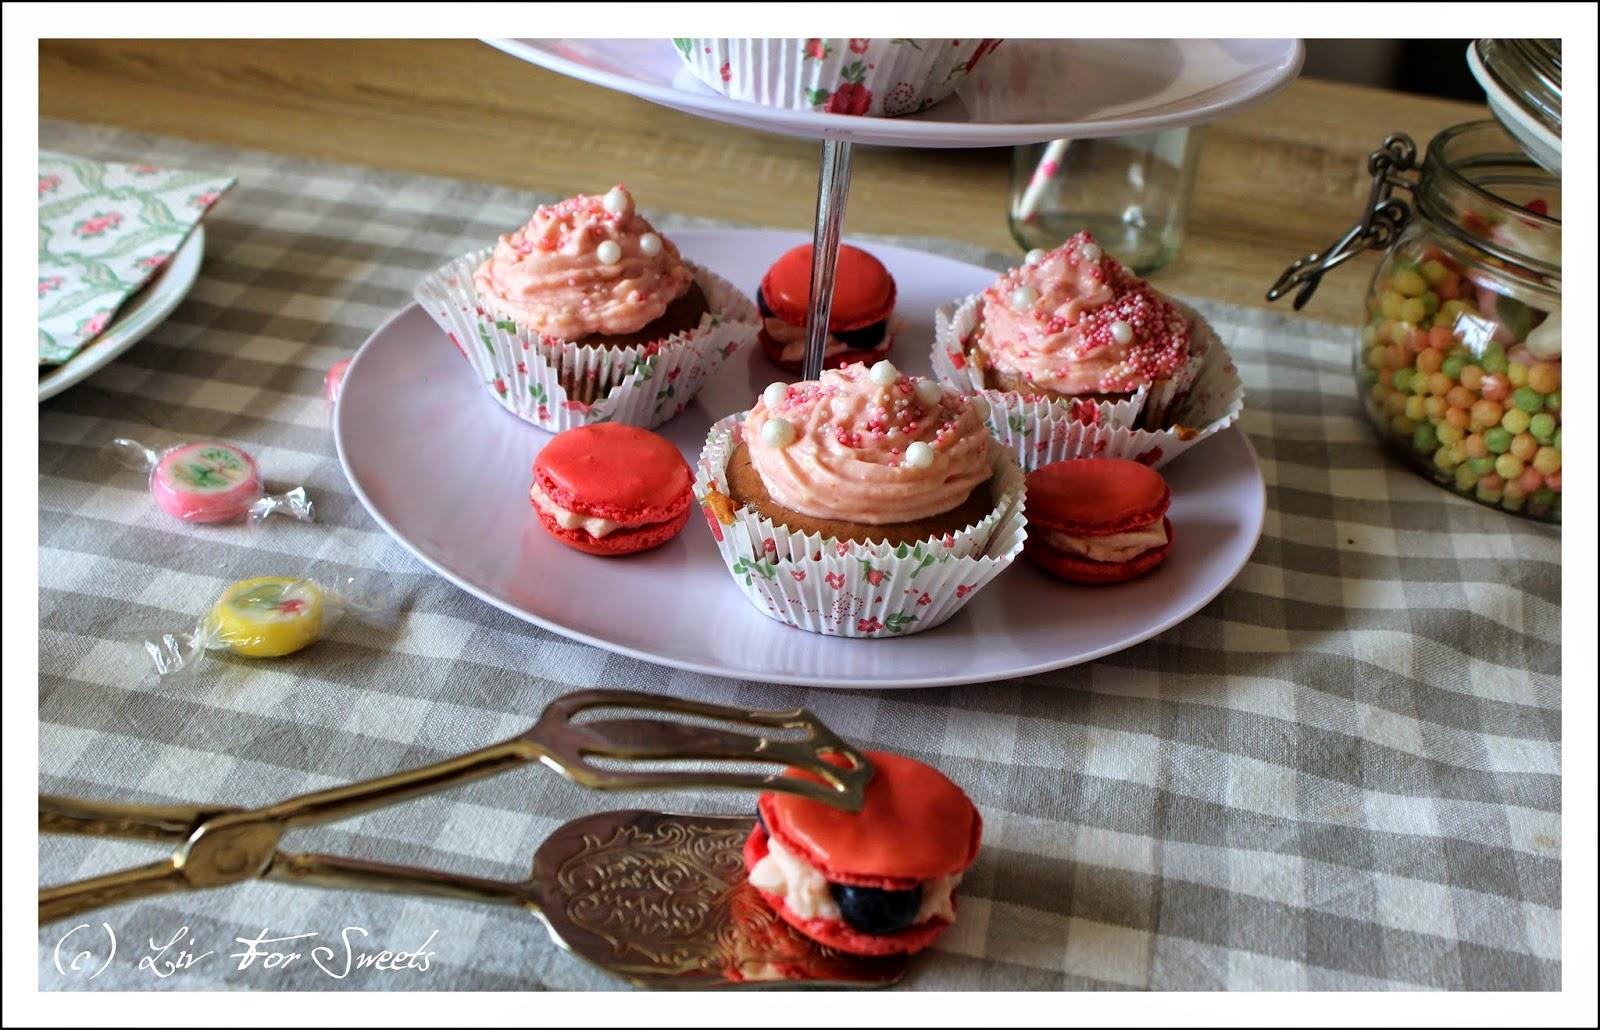 liv for sweets geburtstagskaffee part iv glutenfreie schoko frischk se muffins und macarons. Black Bedroom Furniture Sets. Home Design Ideas